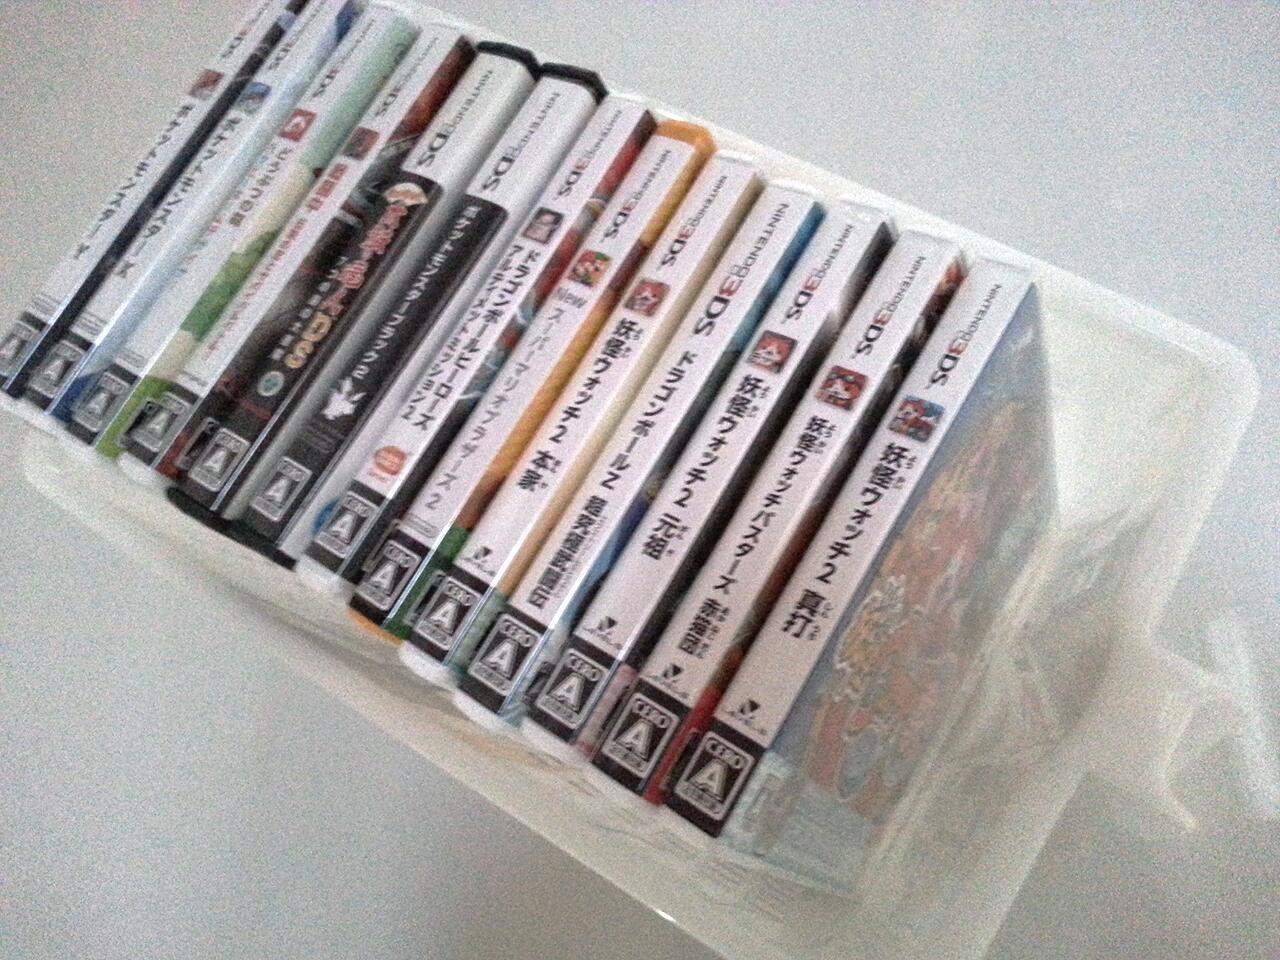 DS カセットケース 収納法